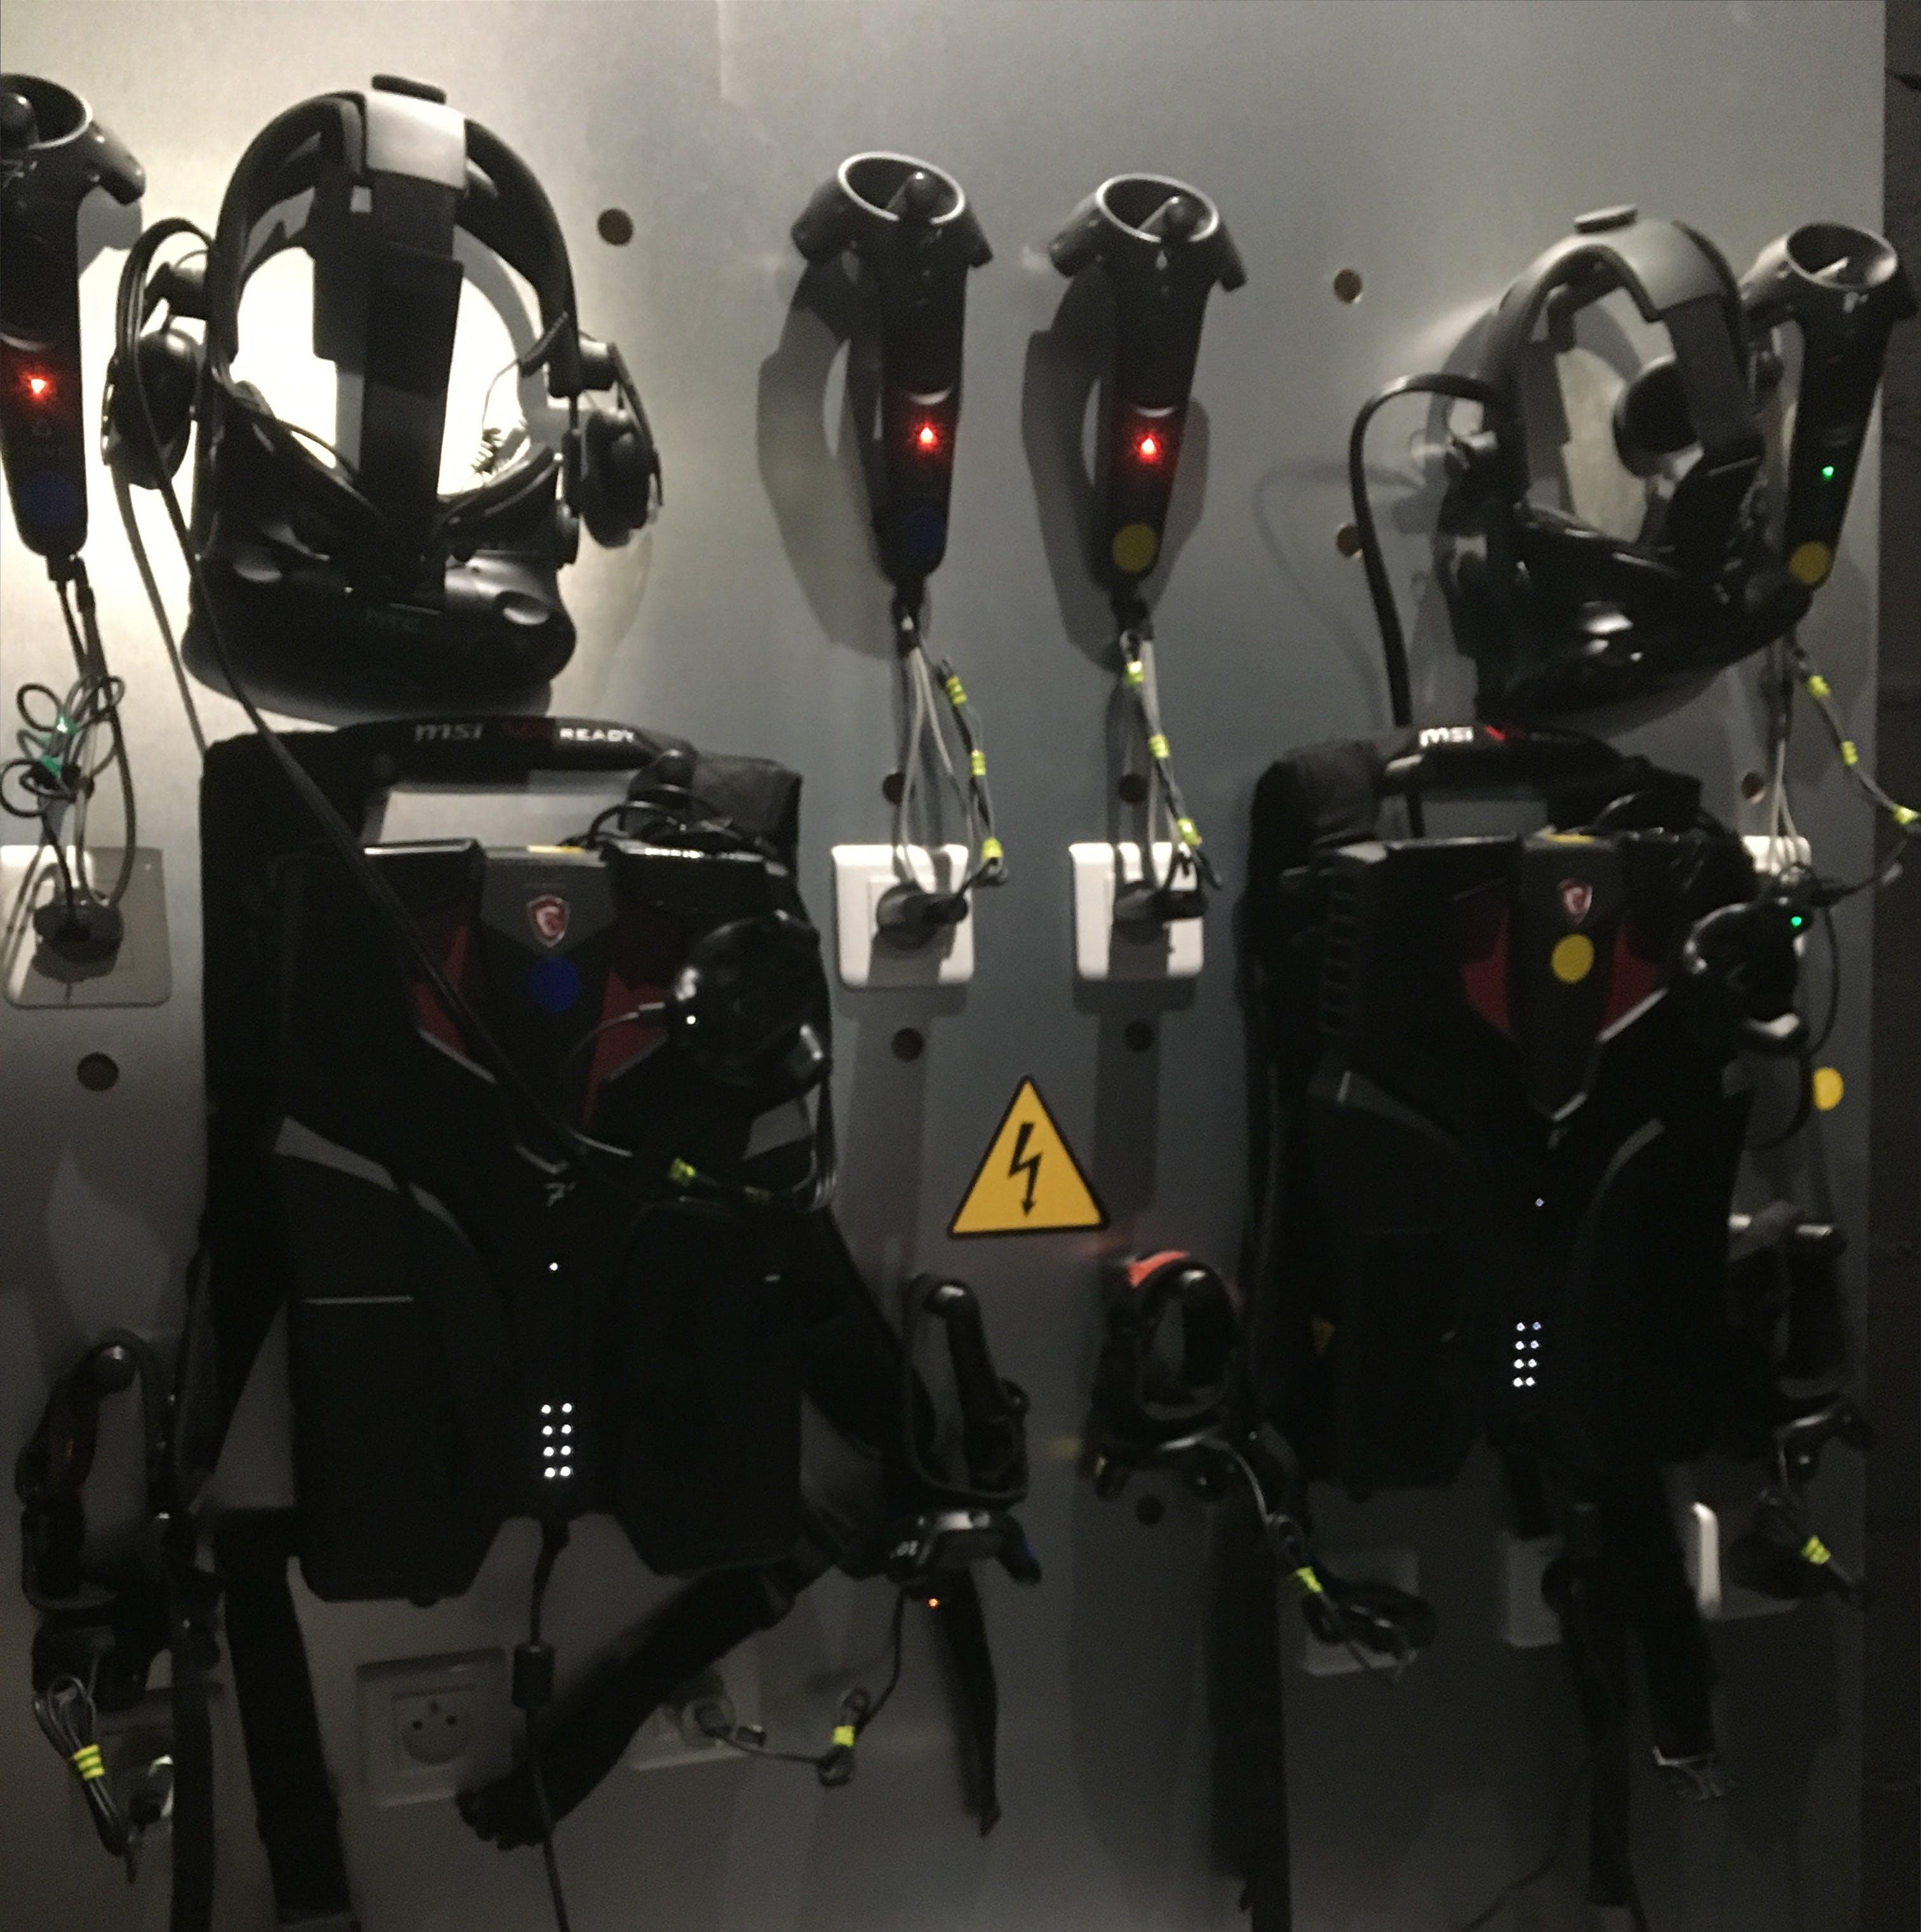 Un casque HTC Vive, un backpack MSI, deux manettes connectées et deux capteurs aux pieds.